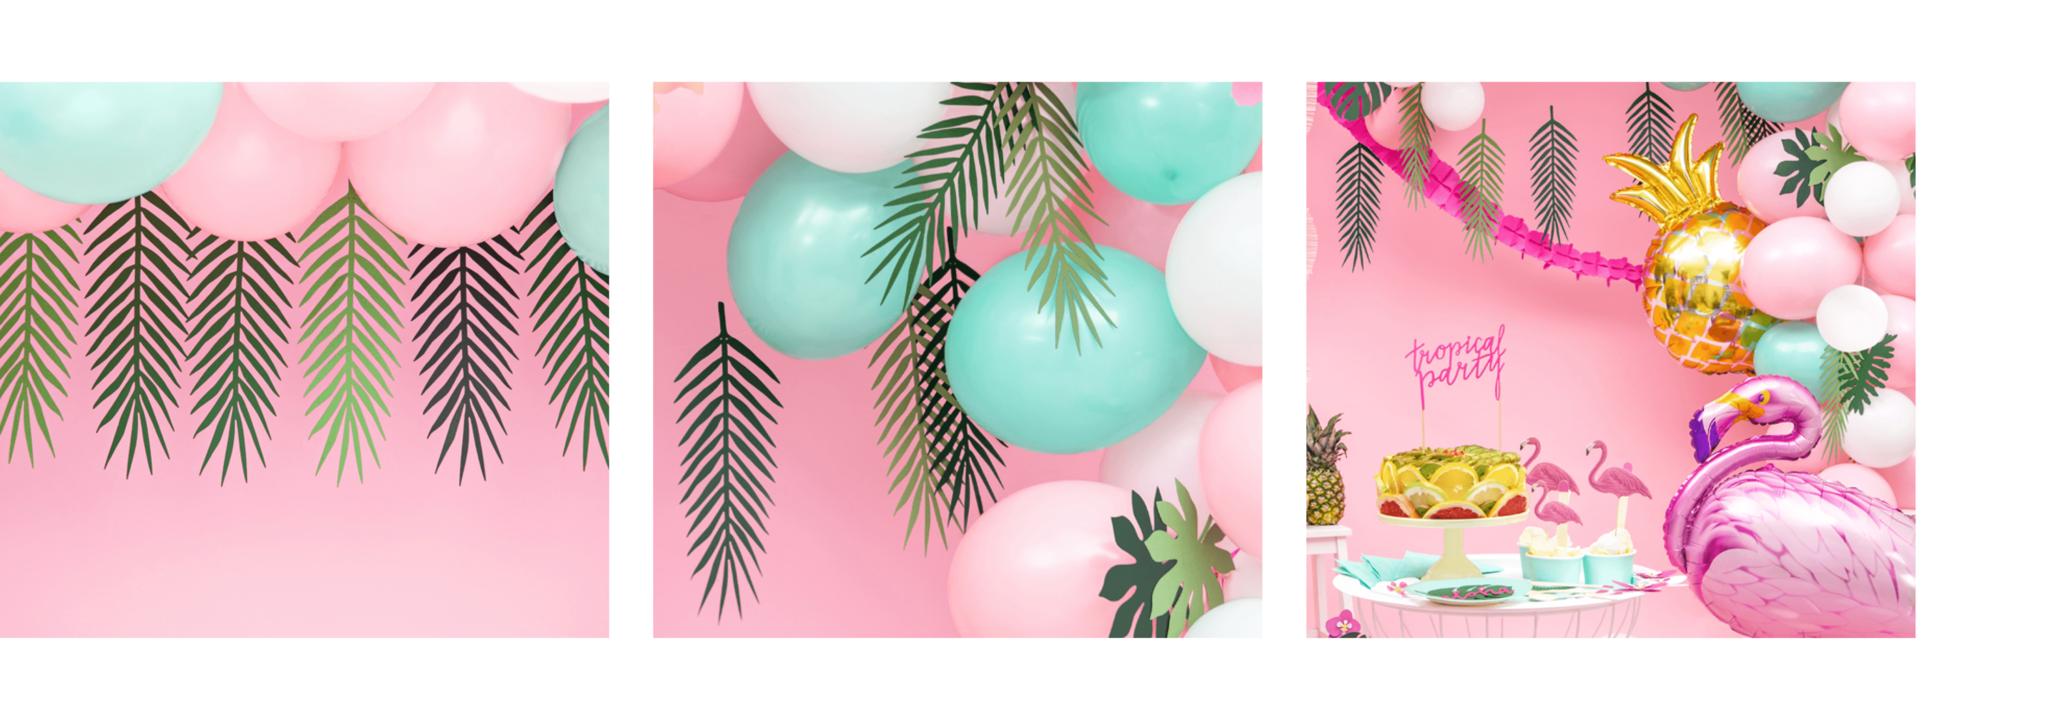 Decoratie bladeren ballonnen